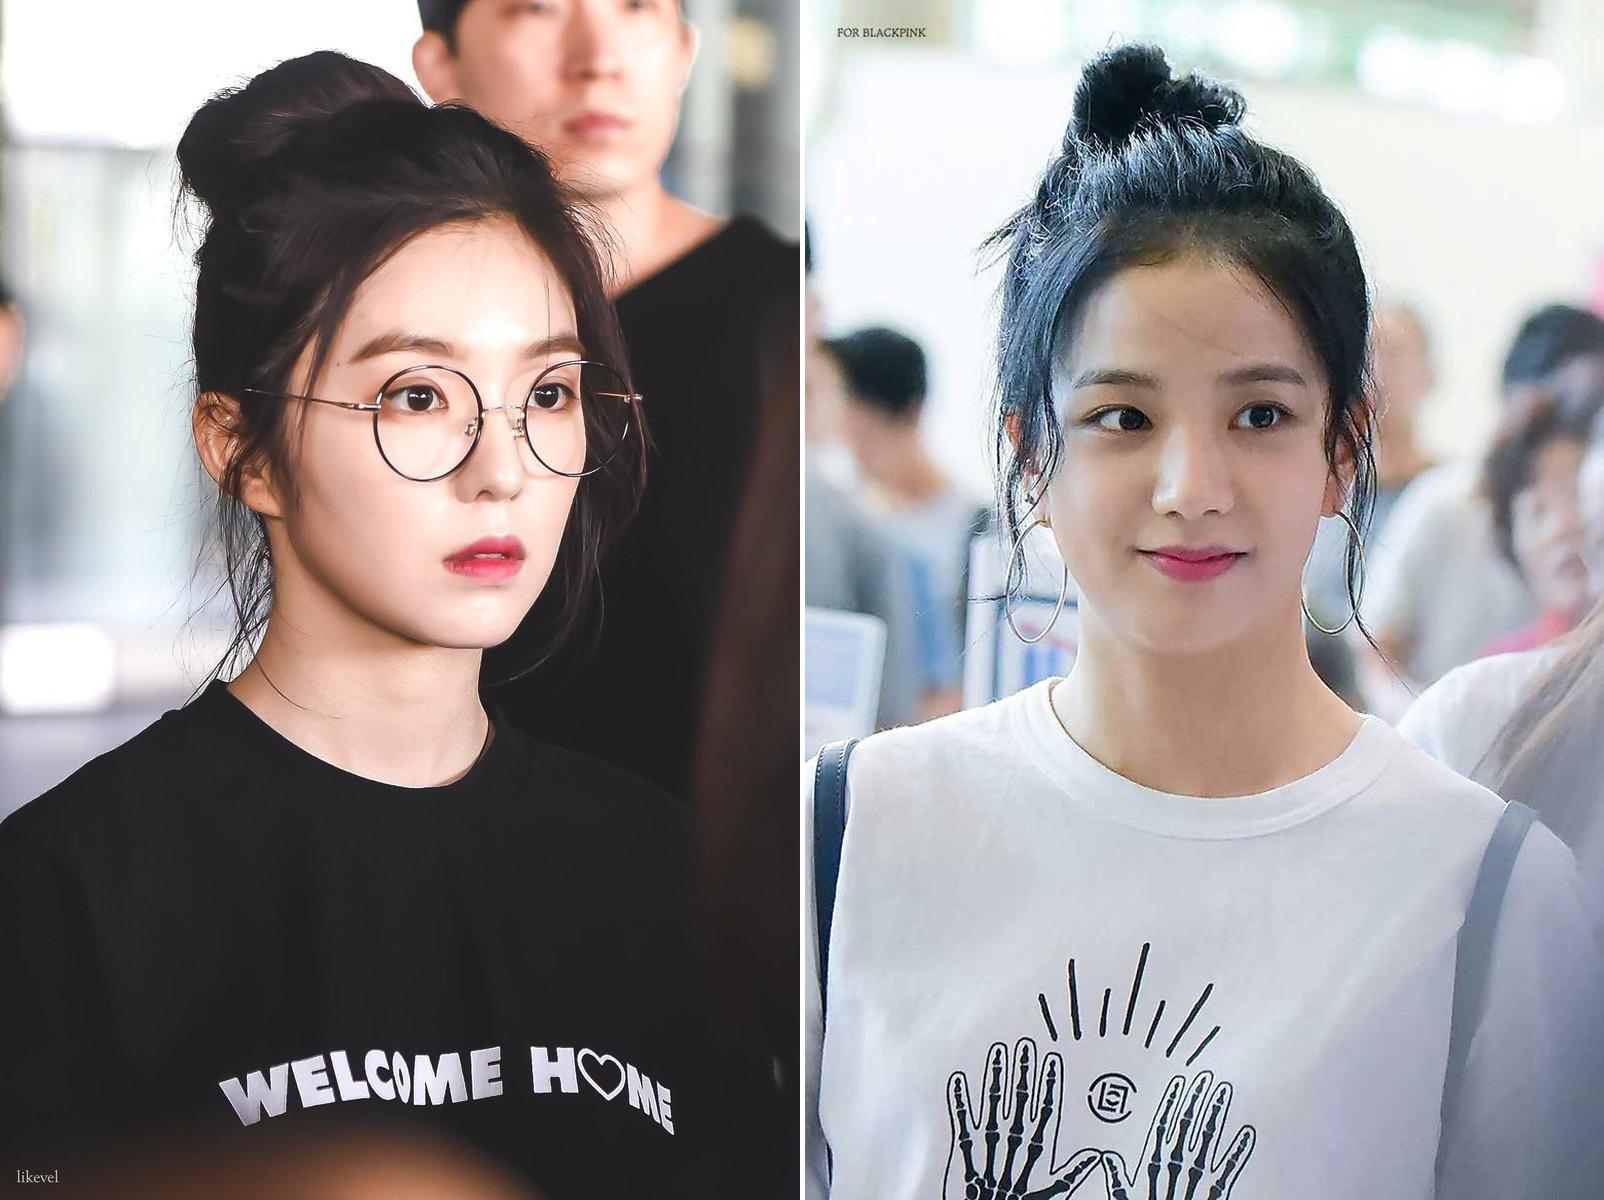 Bàn cân visual giữa Irene (Red Velvet) và Jisoo (Black Pink): makeup và làm tóc giống hệt, nhưng ai hơn ai? - Ảnh 1.